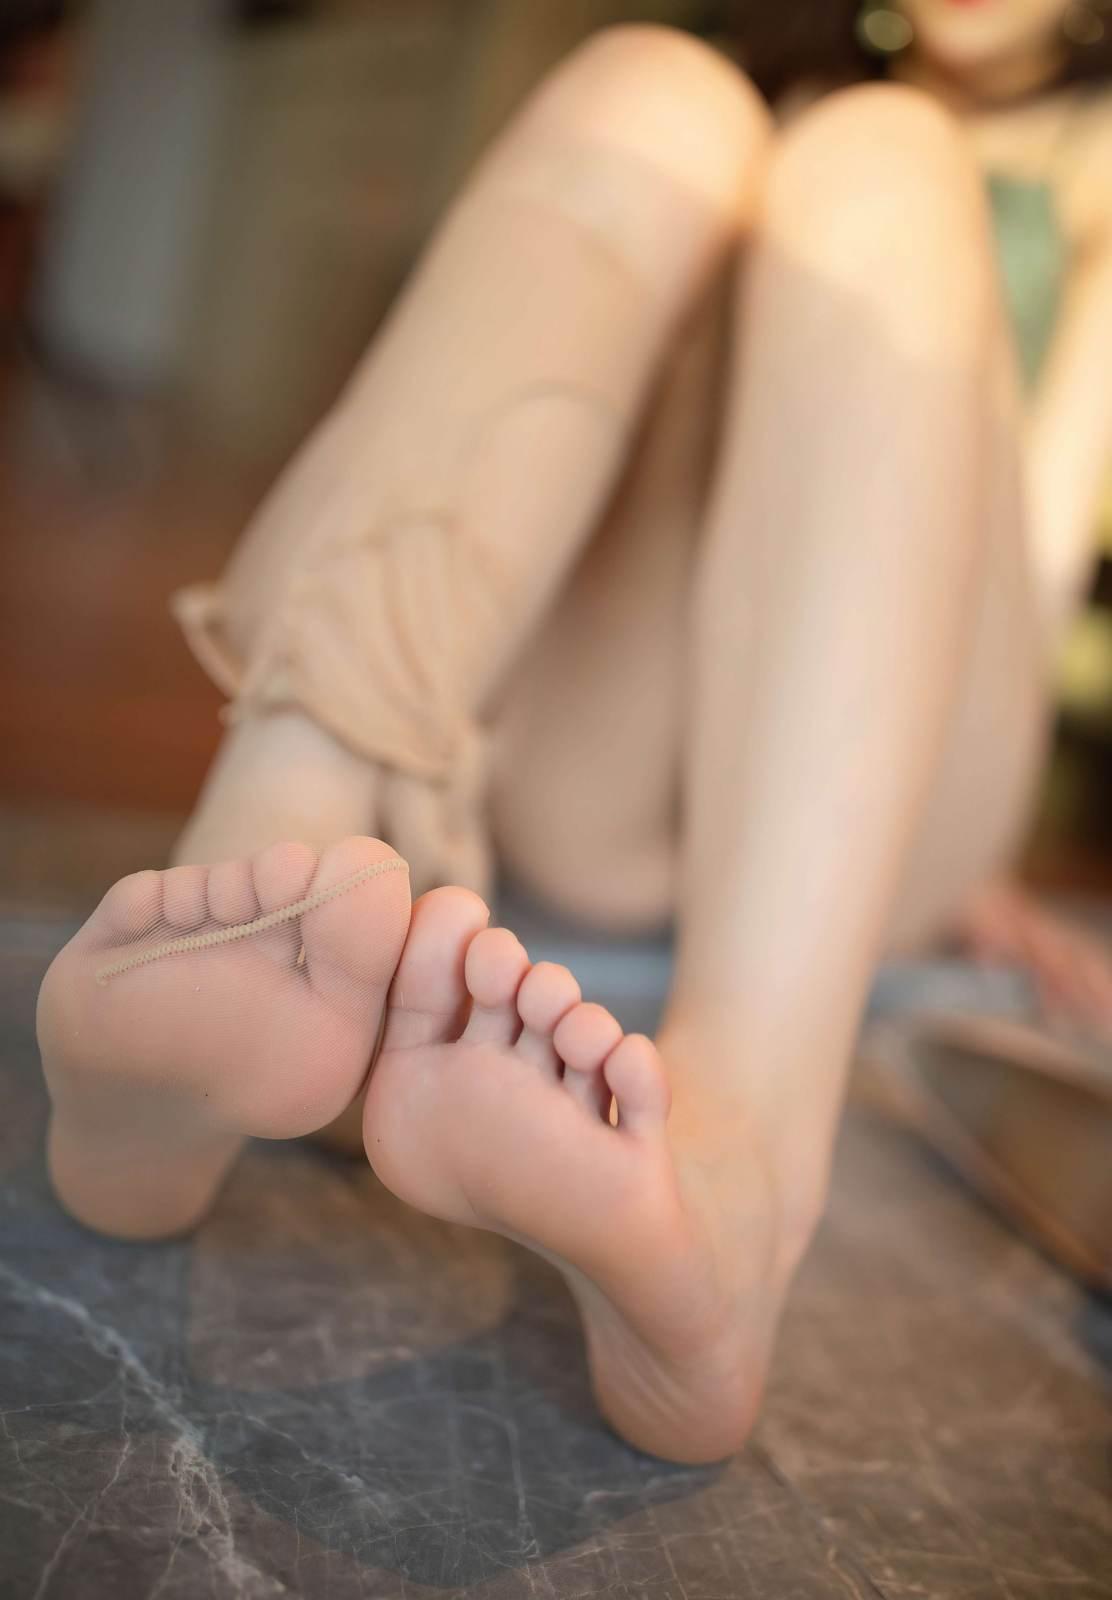 第356期淑丽姣好陈小喵(丝袜,丝足,肉丝,仙女颜值,丰腴饱满)_图片5